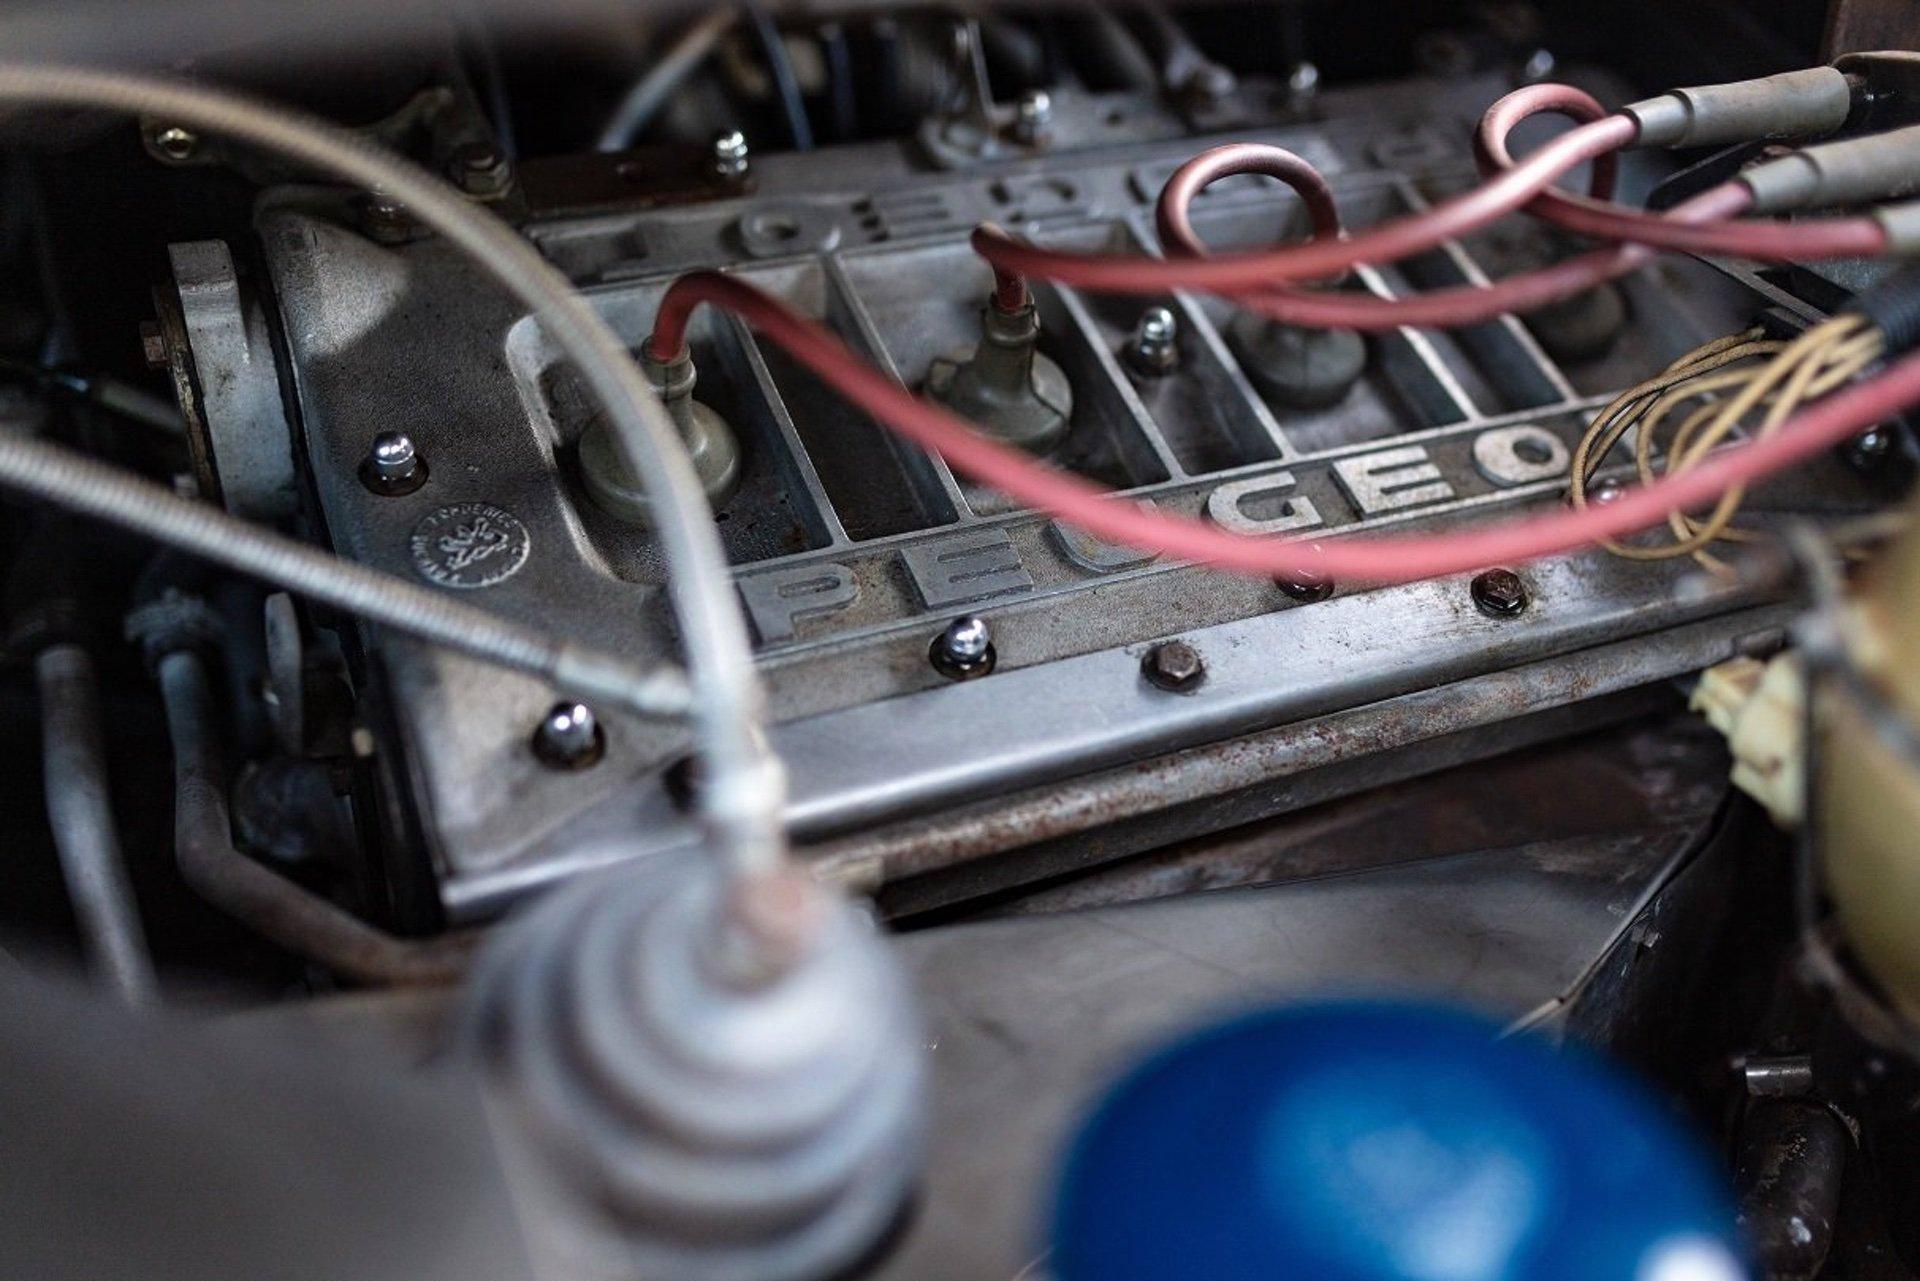 1985_Peugeot_205_T16_sale-0008